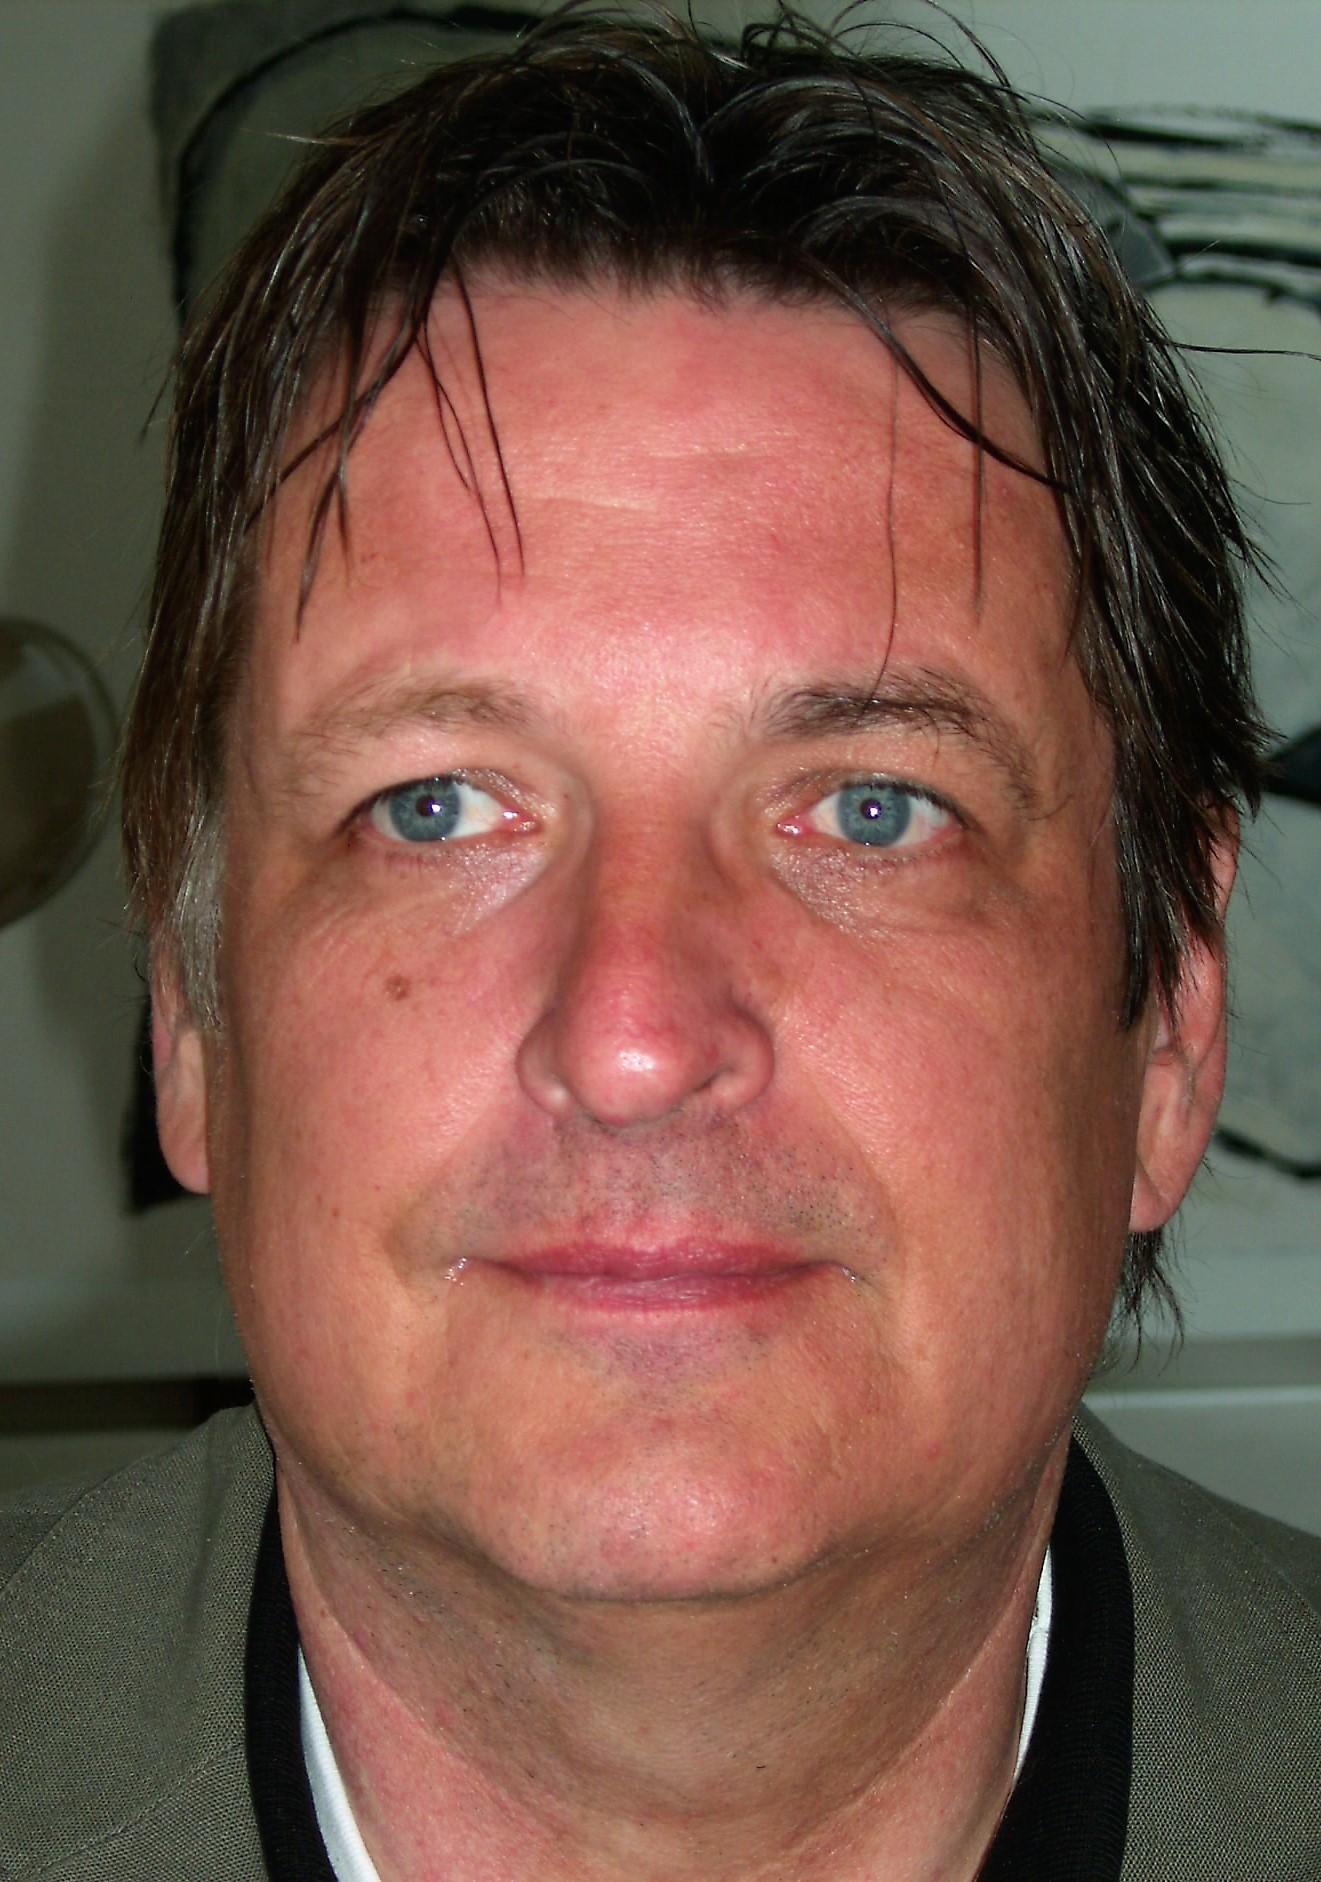 J. (Jan) de Jong